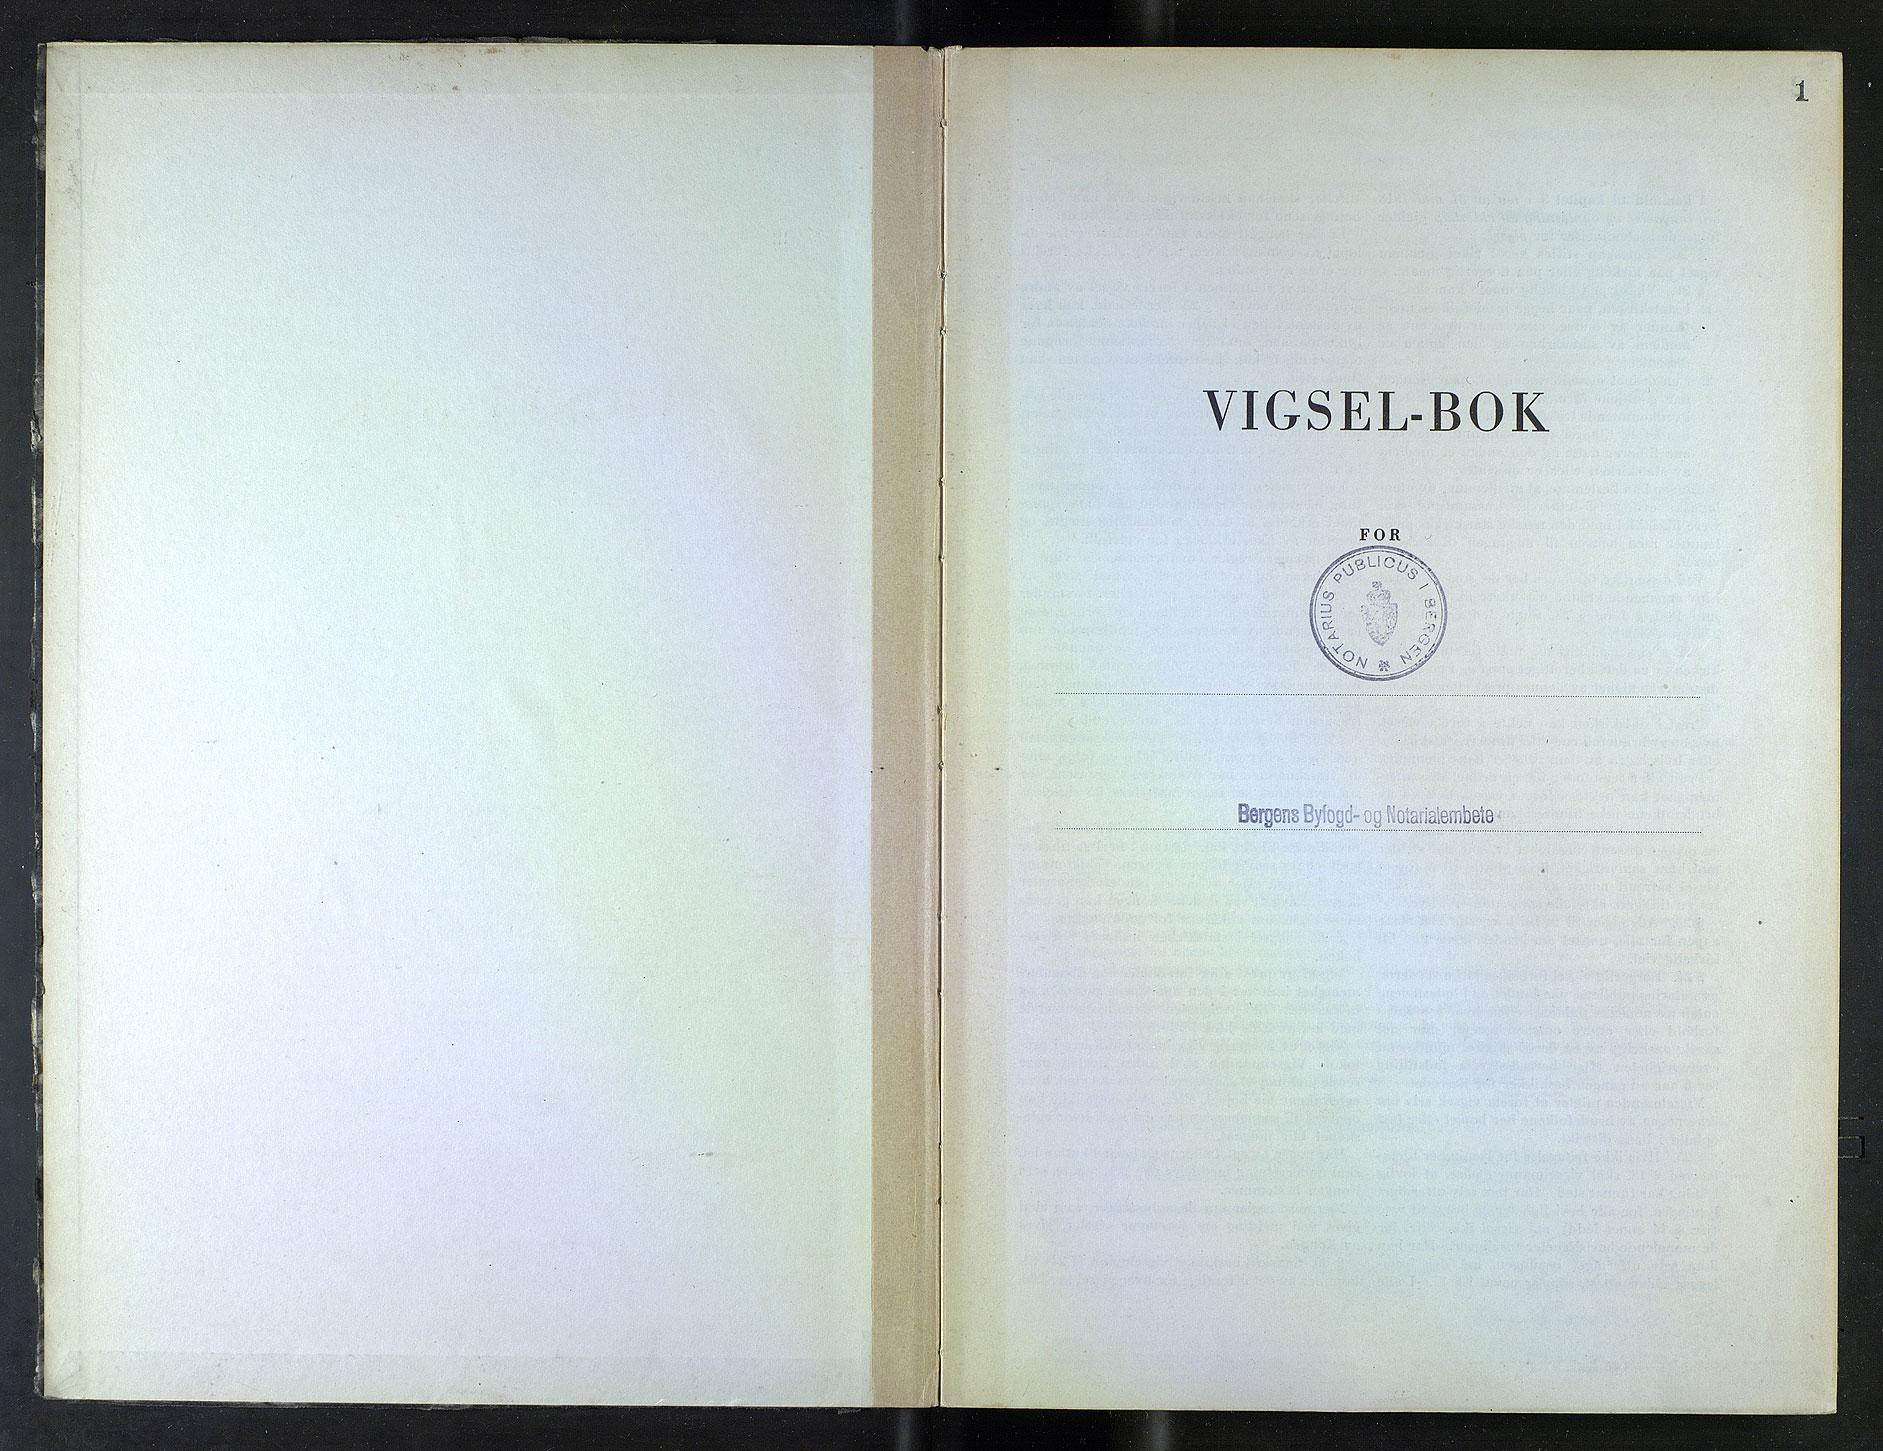 SAB, Bergen byfogd og byskriver*, 1944-1945, s. 1